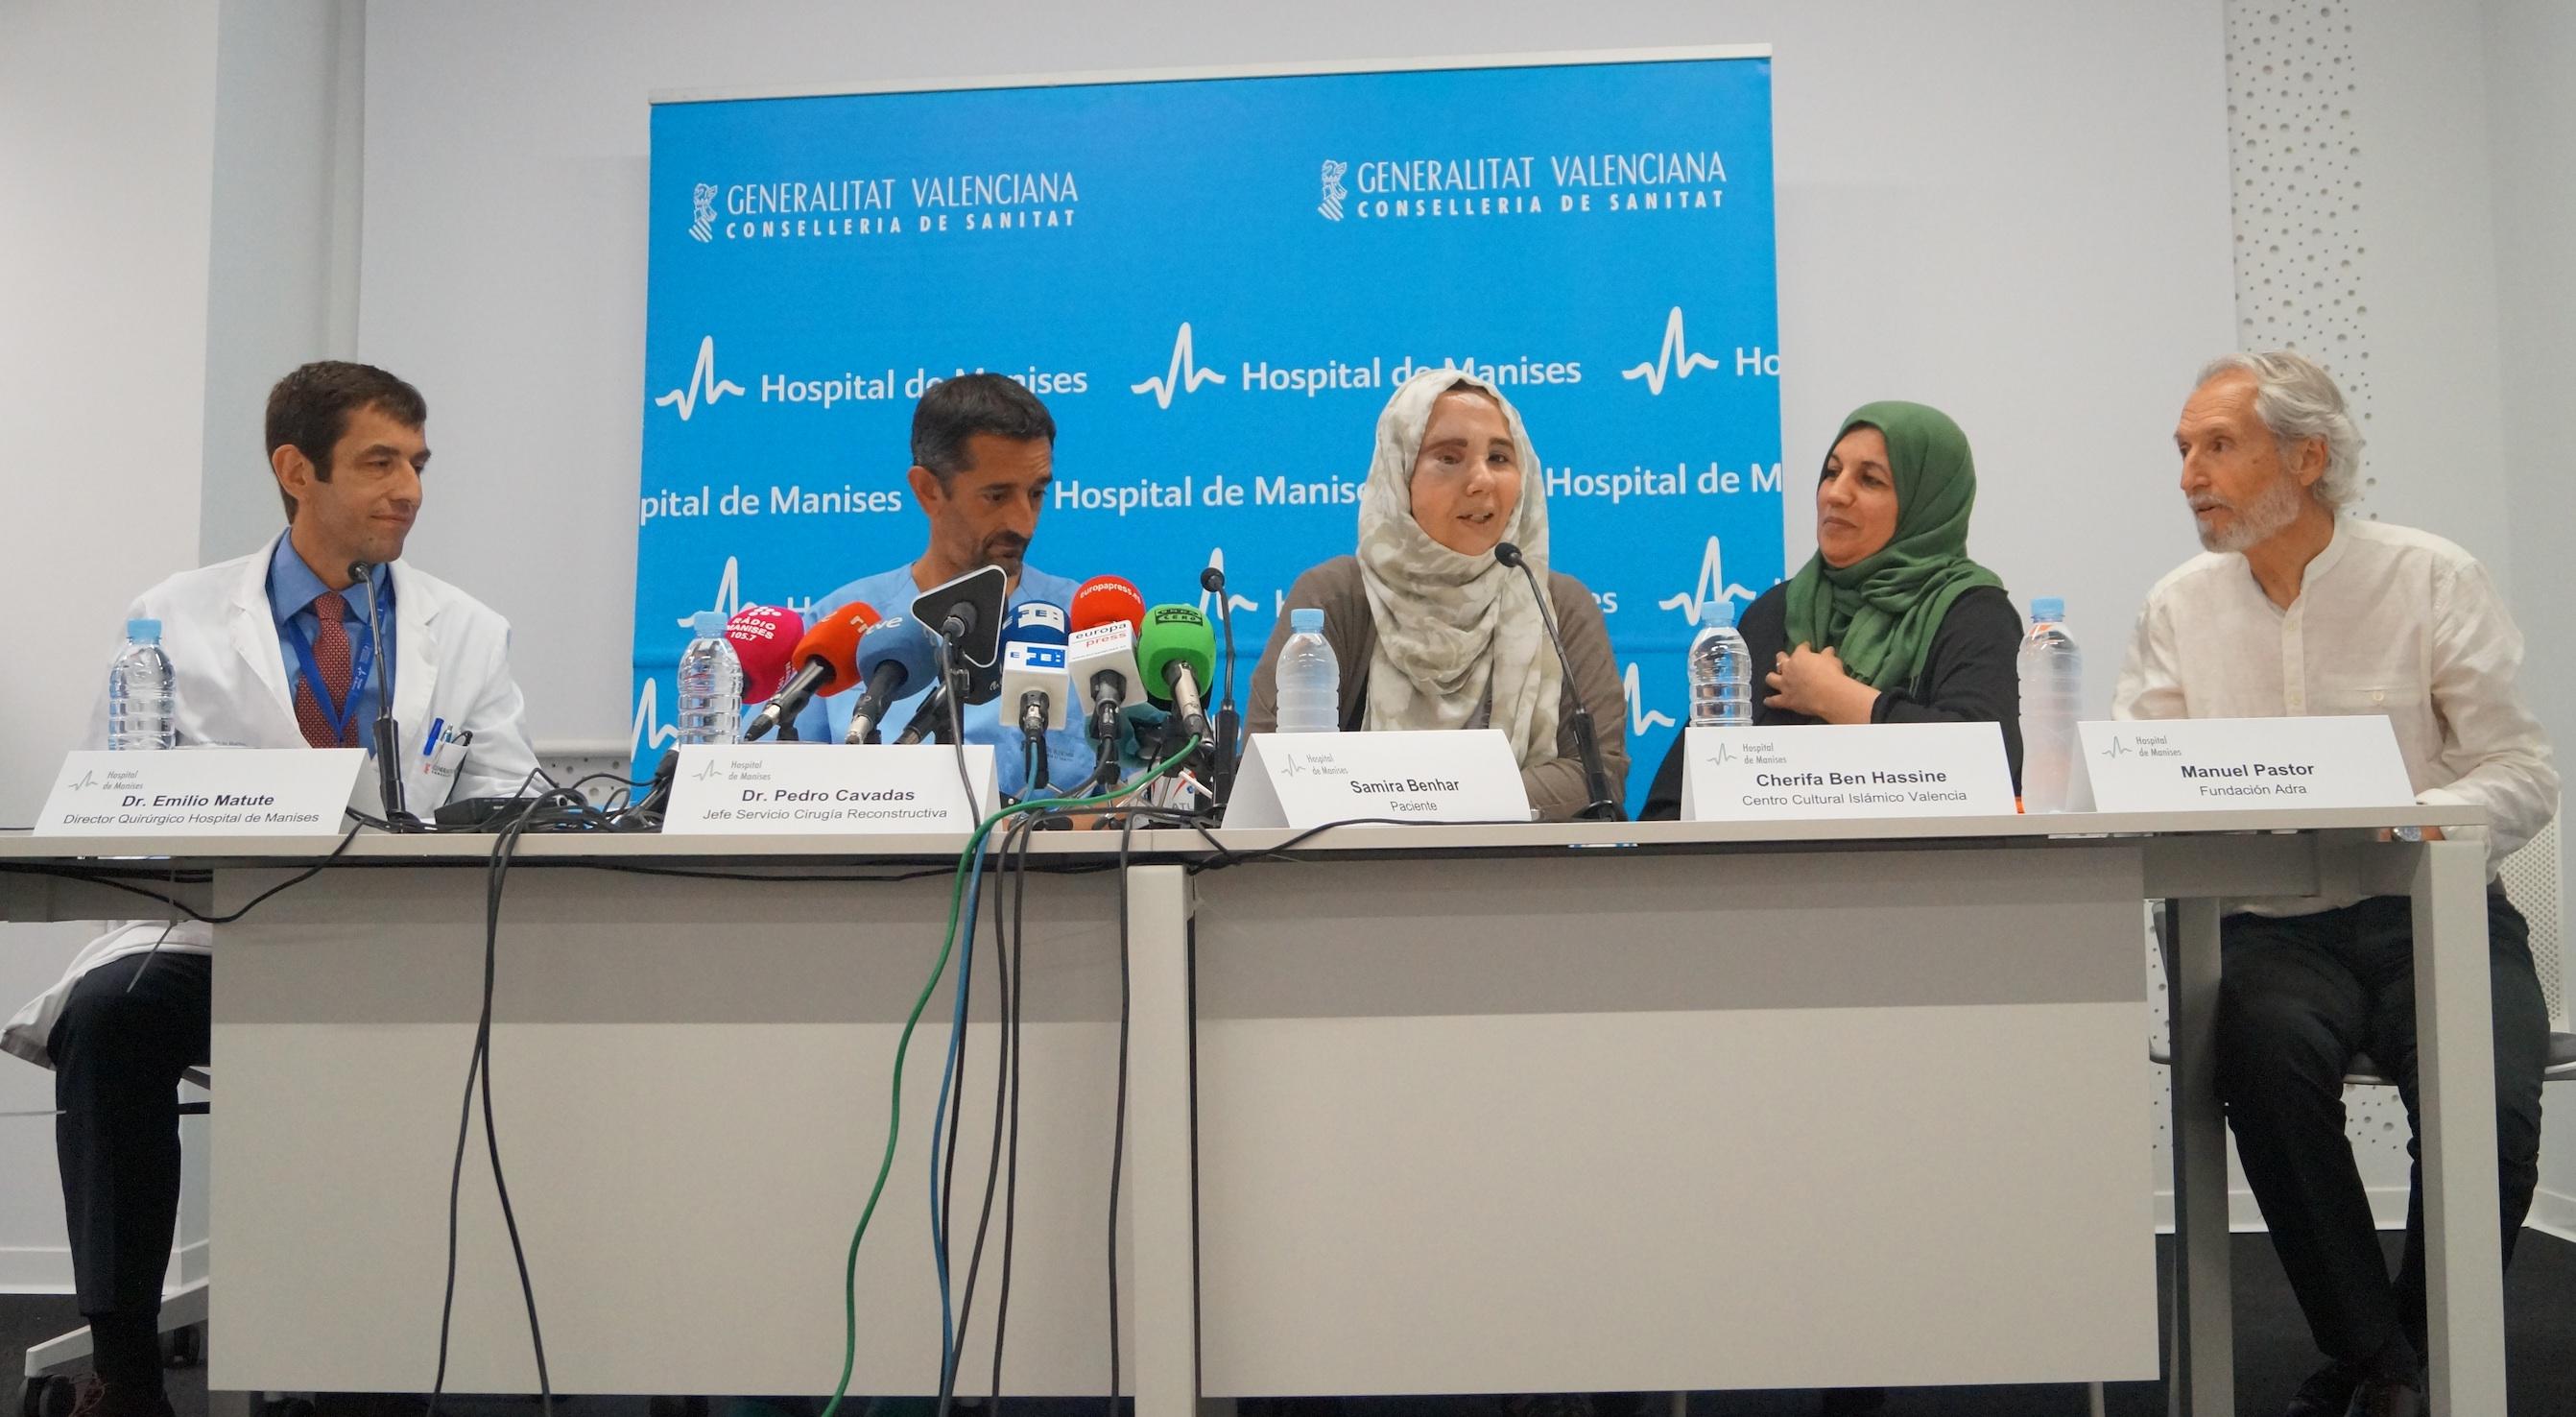 Rueda de prensa del doctor Cavadas con Samira en el Hospital de Manises.